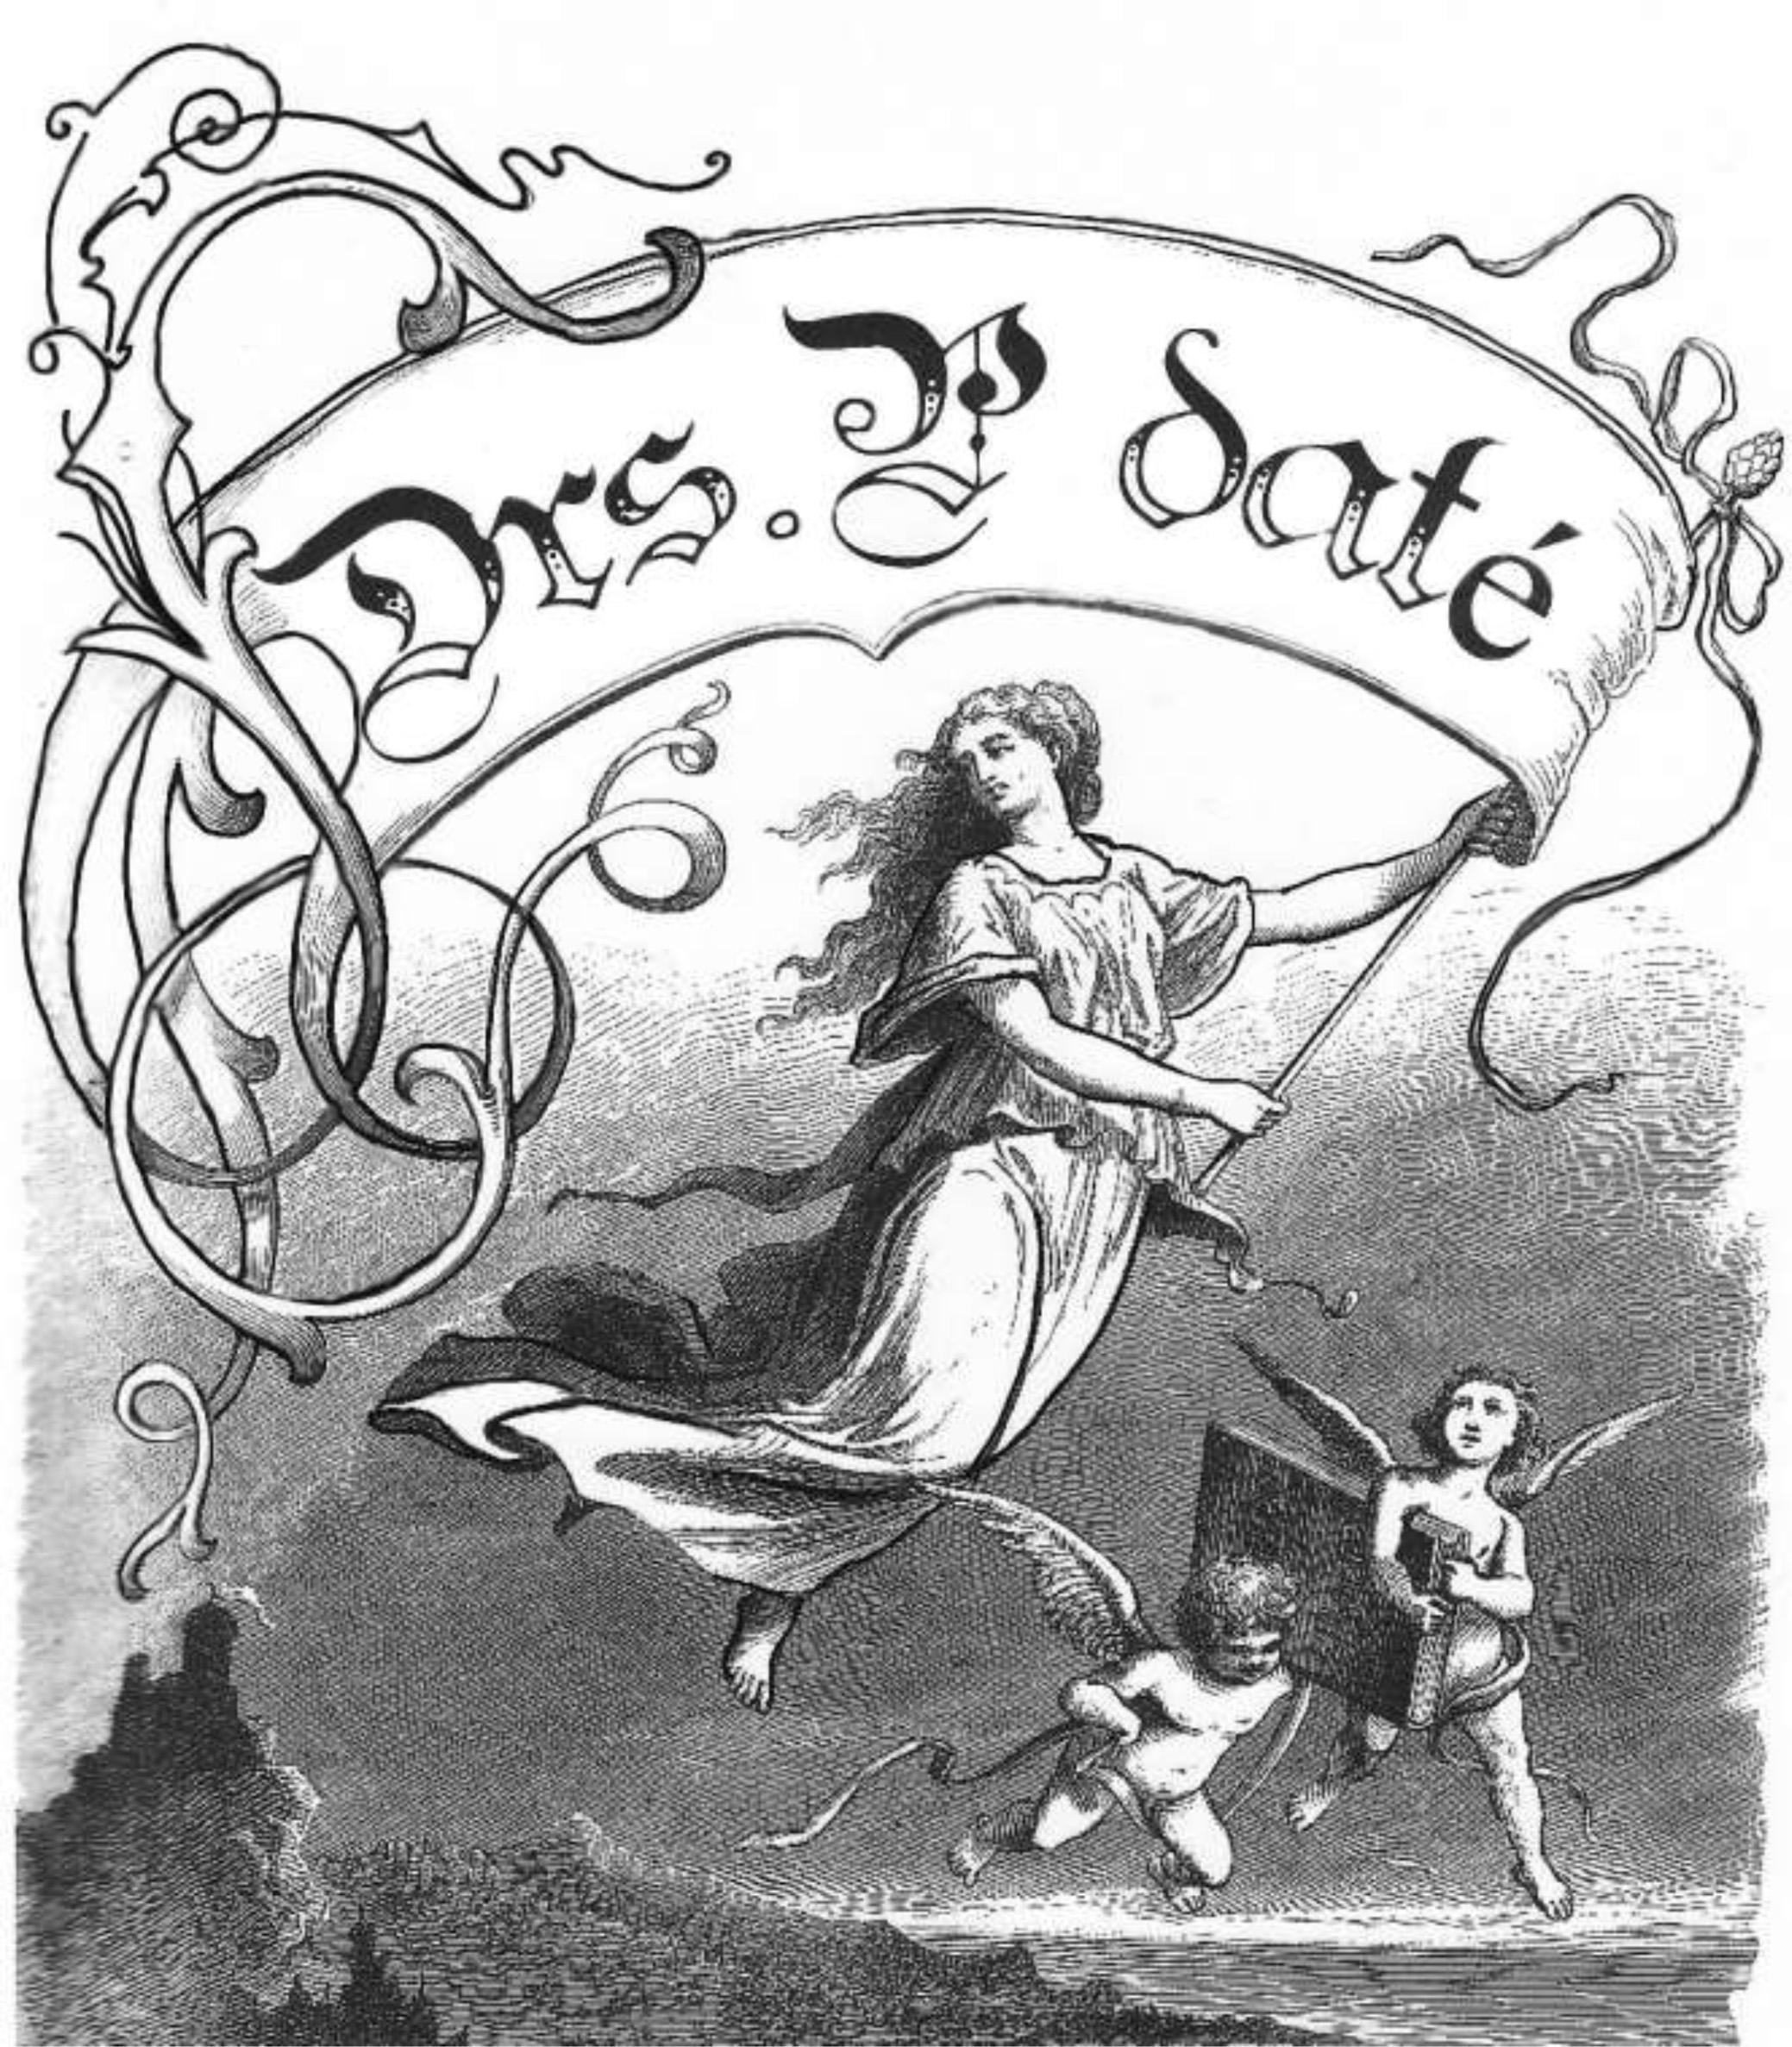 Drs P Daté - Jaap van den Born